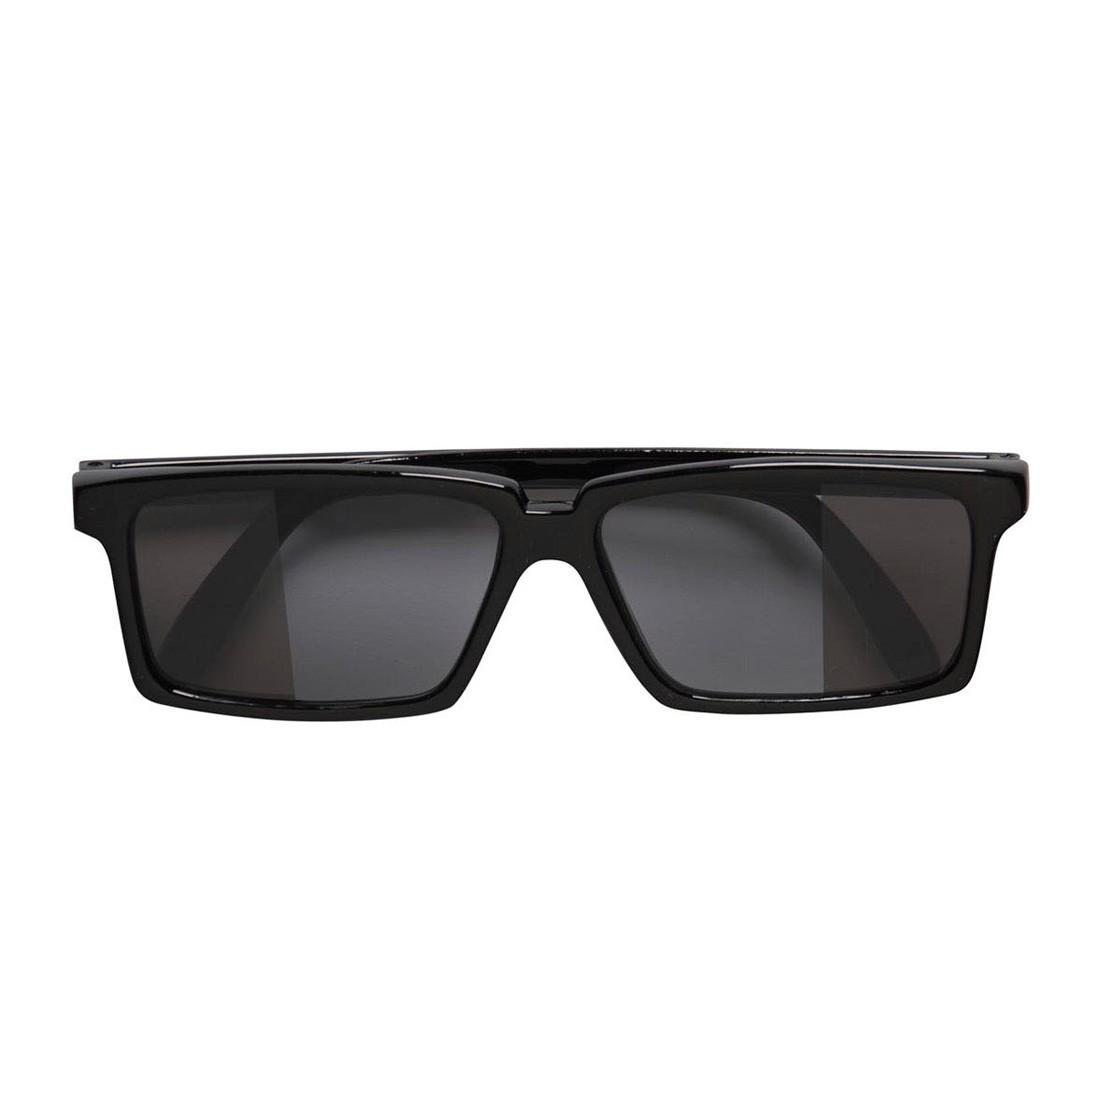 Lustige Brille Verrückter Blick Professor Brille Partybrille JGA Spaßbrille